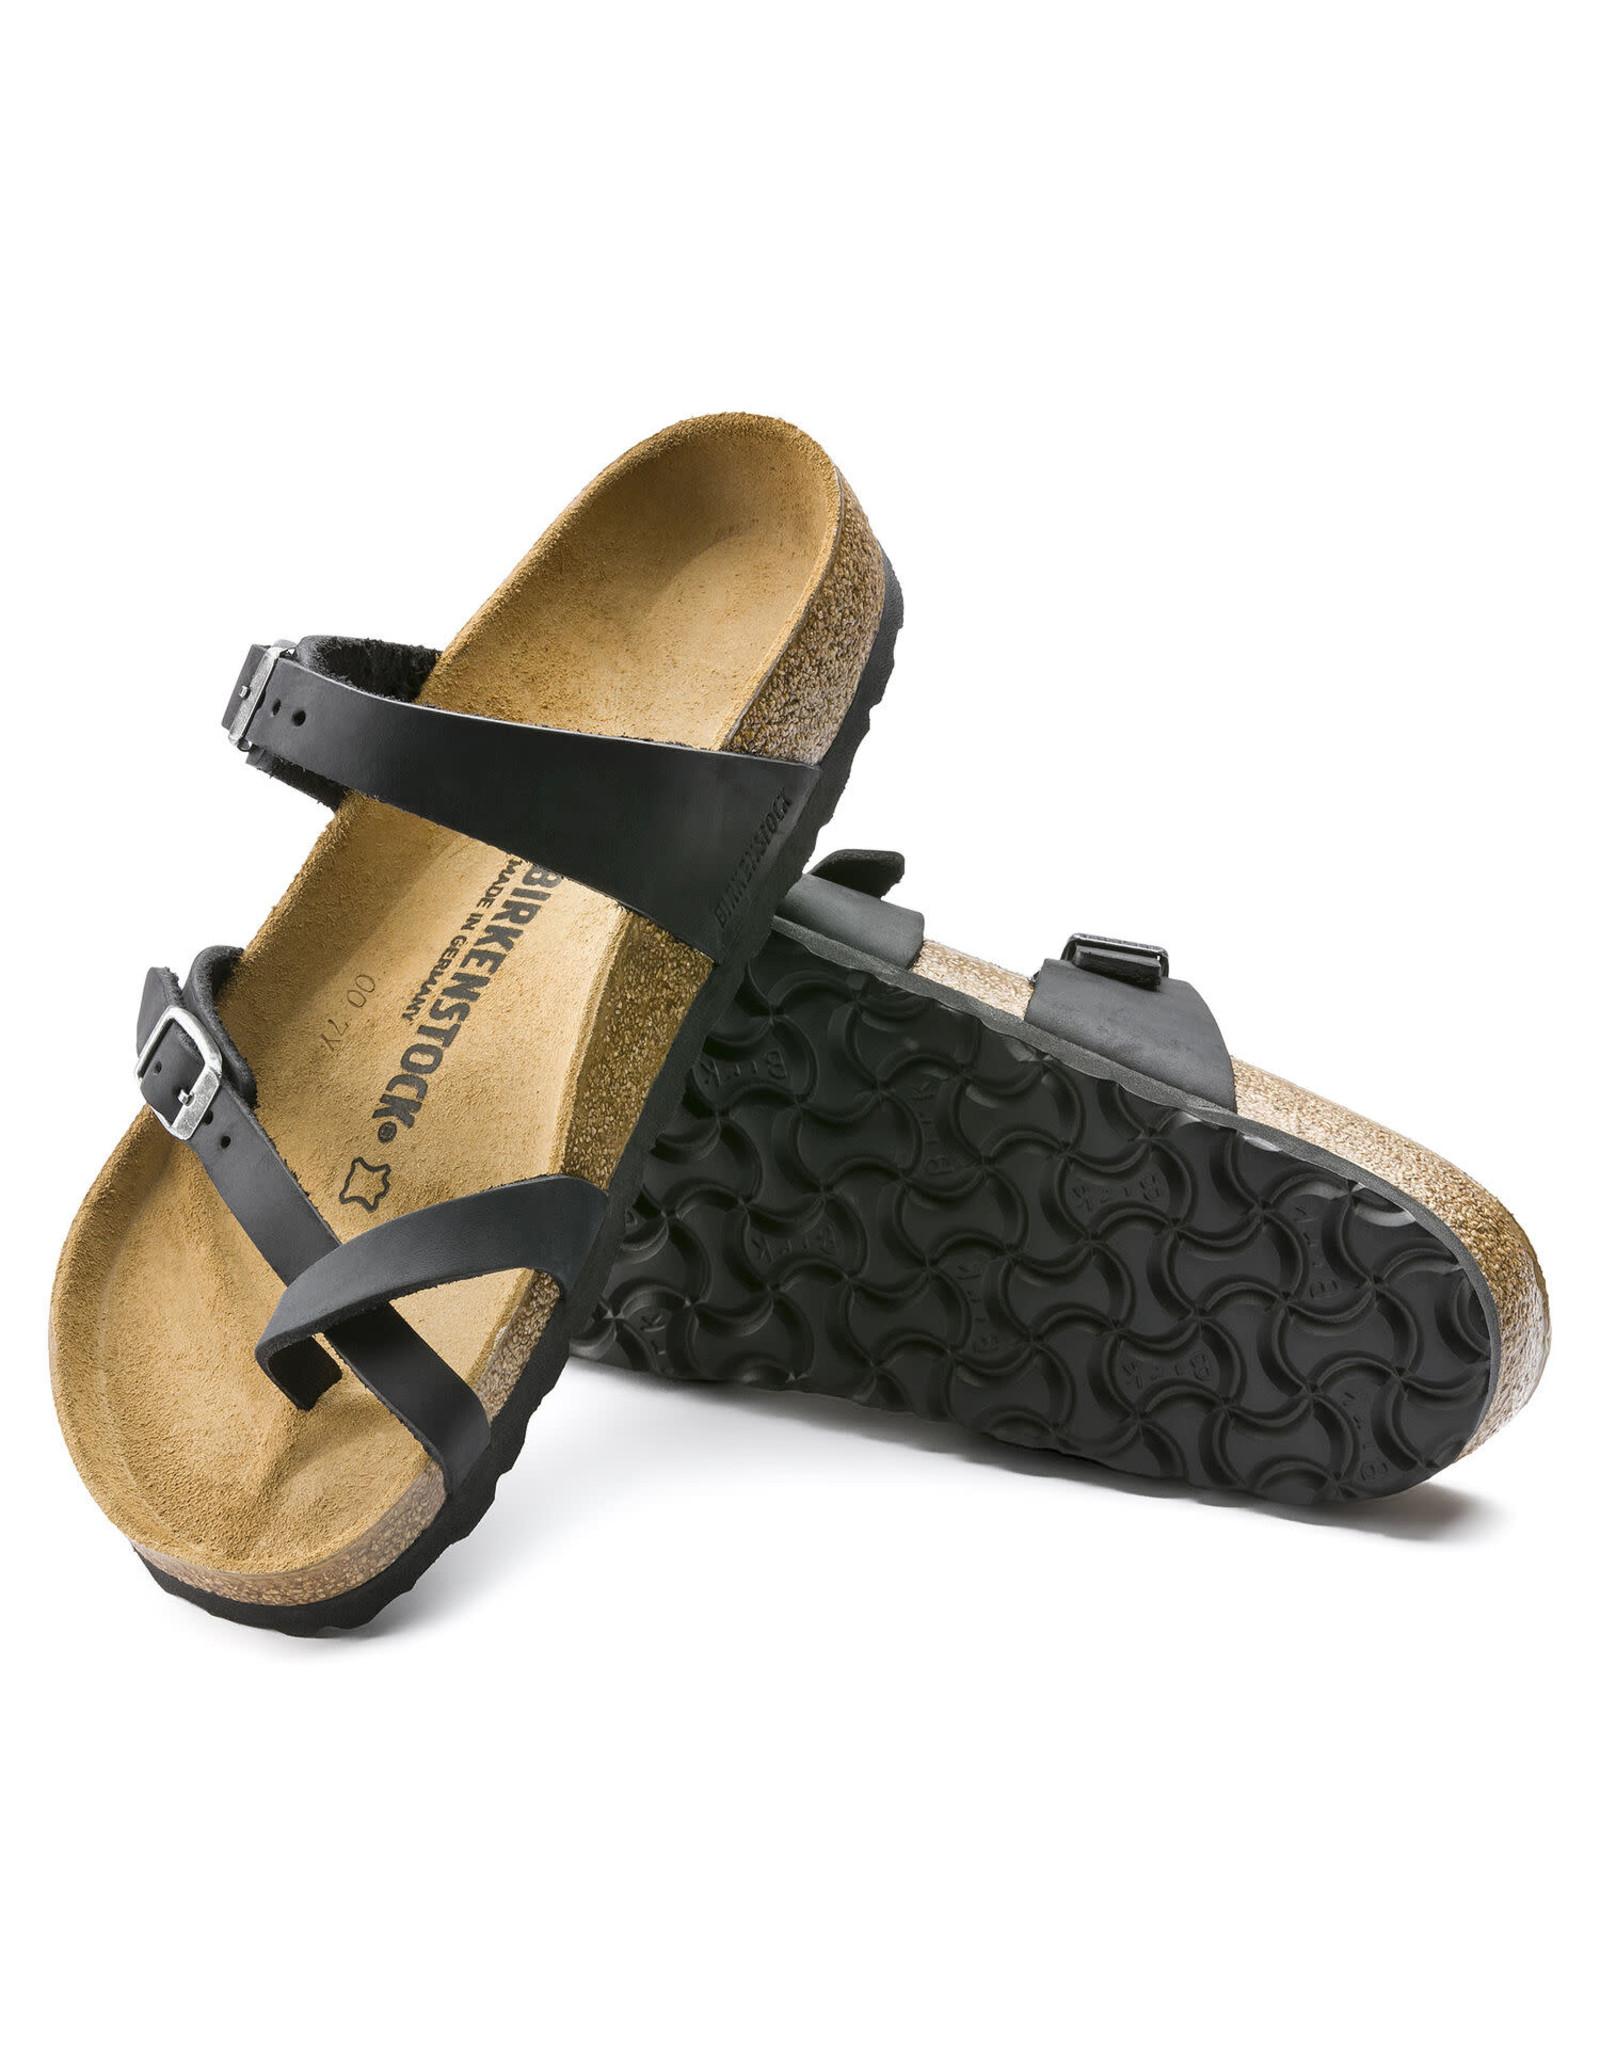 Birkenstock Mayari Leather Sandal